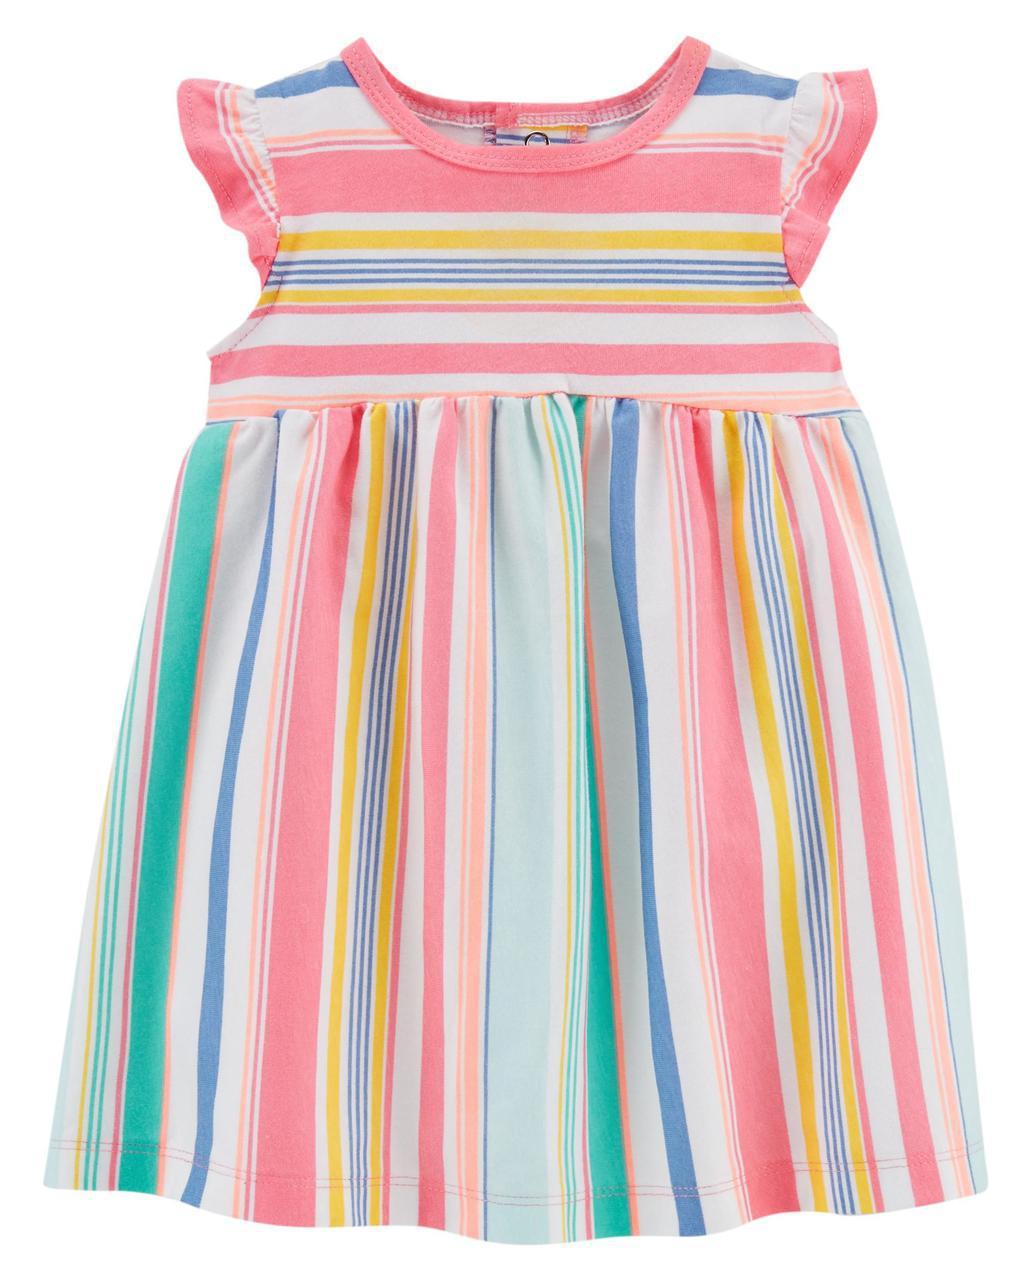 Летнее платье + трусики Carters для девочки 18 мес 78-83 см. Комплект 2-ка